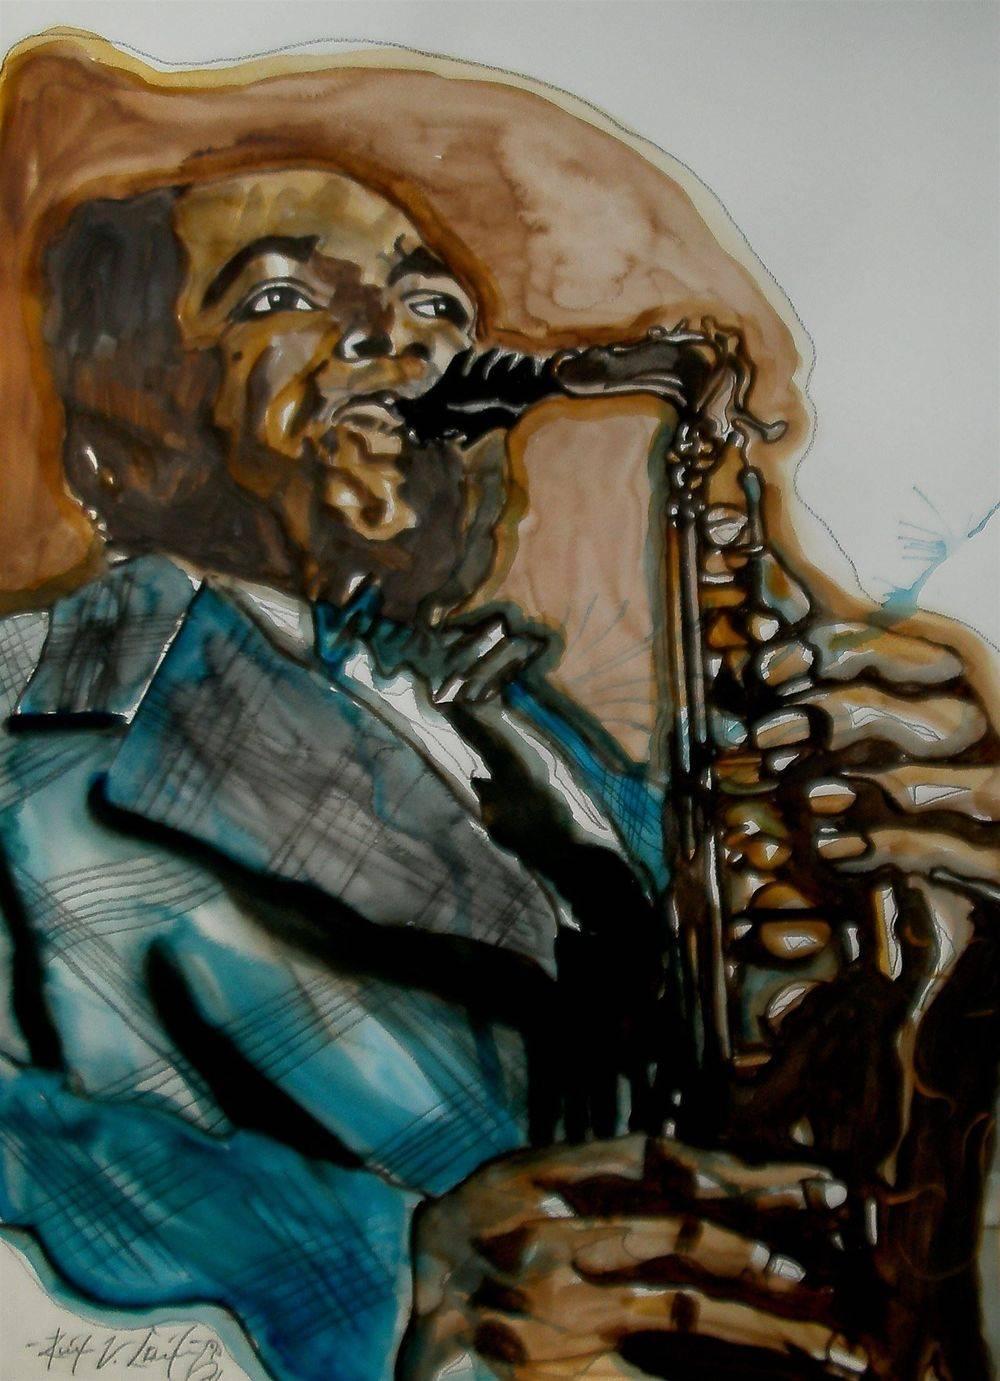 Yard bird : Jazz